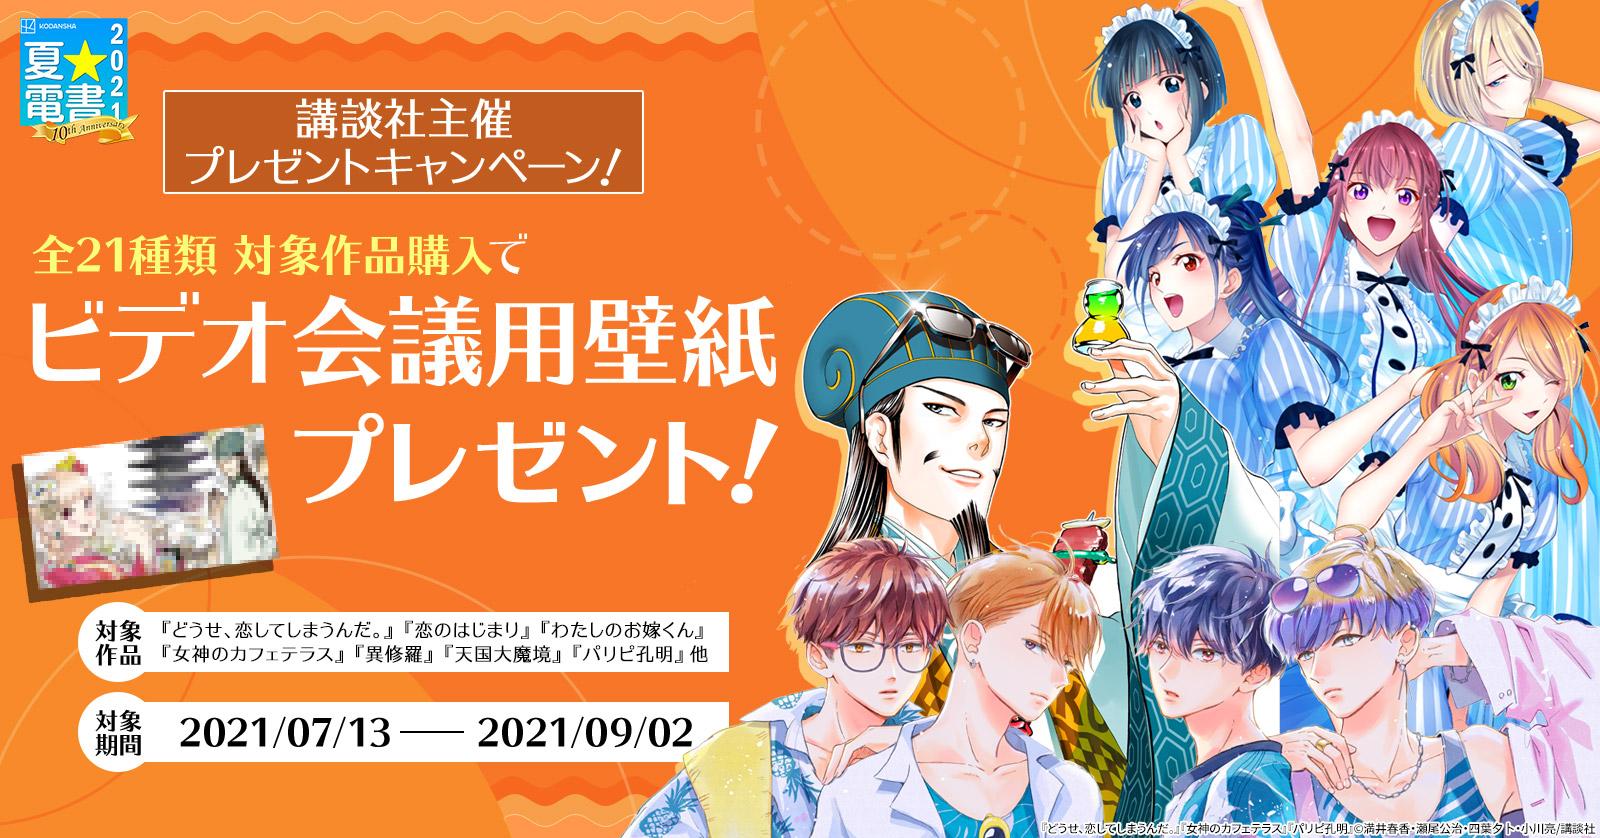 「夏☆電書2021」ビデオ会議用壁紙プレゼント